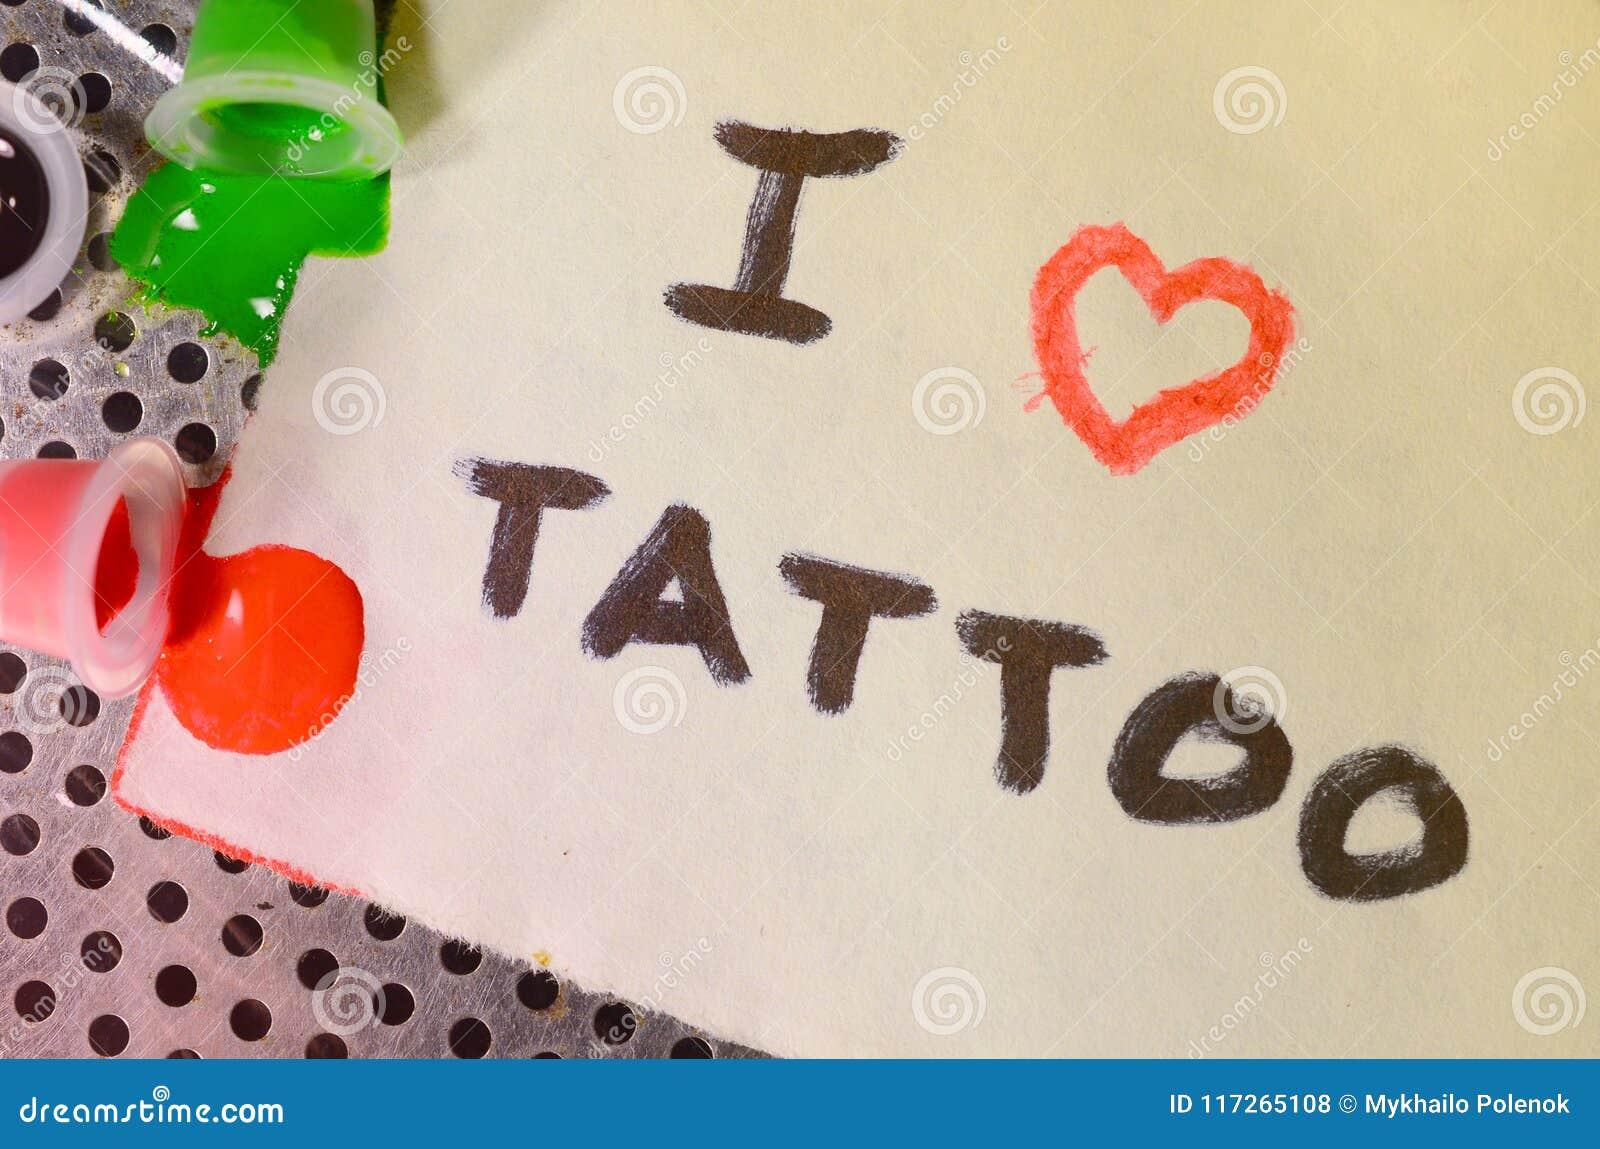 Kocham Tatuaż Tekst Napisze Na Małym Prześcieradle Papier